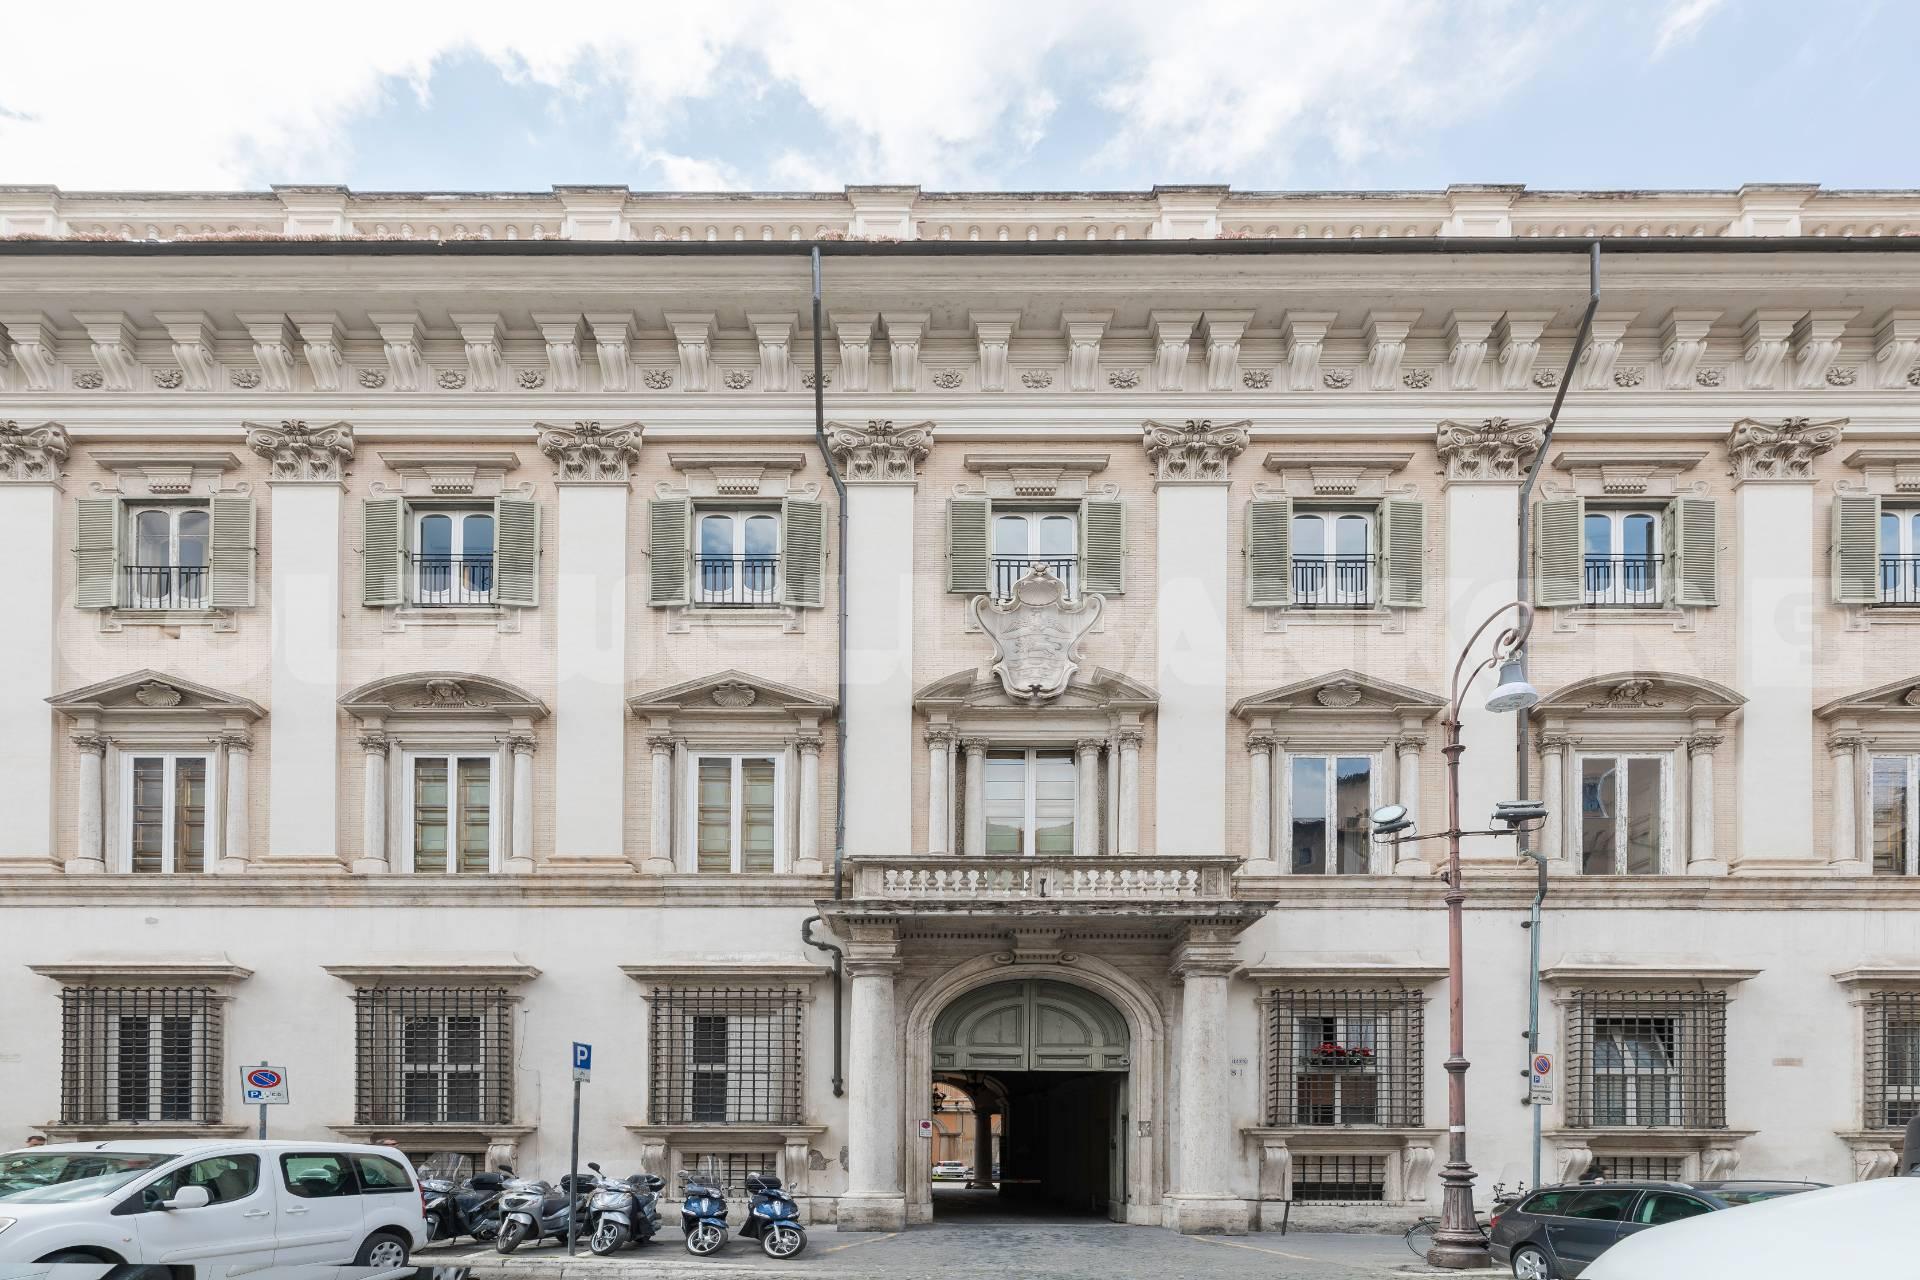 Ufficio in affitto a roma cod ex1419 for Affitto ufficio giornaliero roma